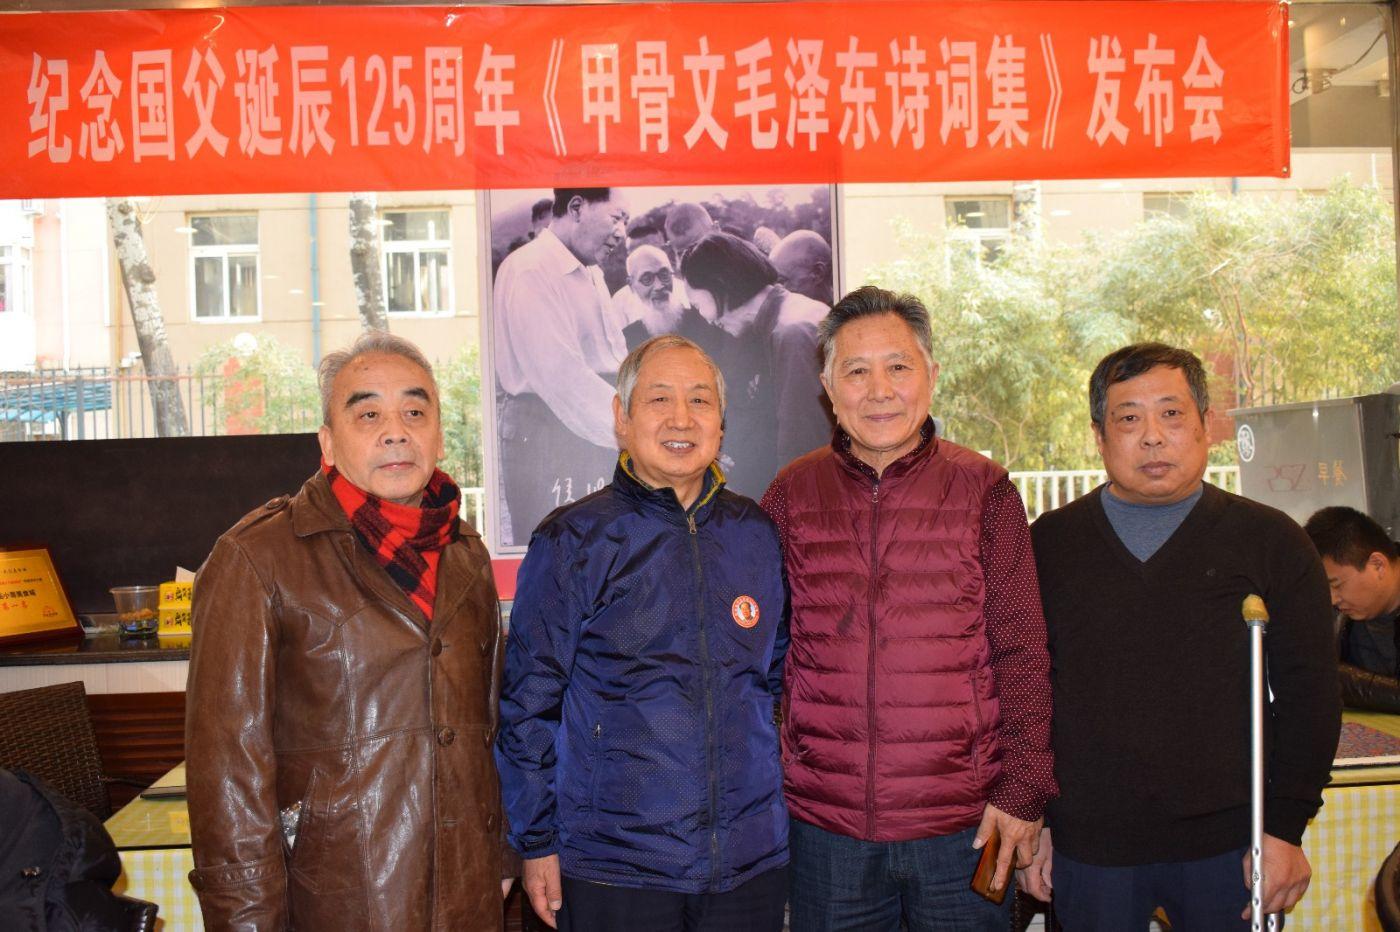 纪念毛泽东诞辰125周年《甲骨文毛泽东诗词集》  出版发布会在京举办 ... ... ..._图1-10